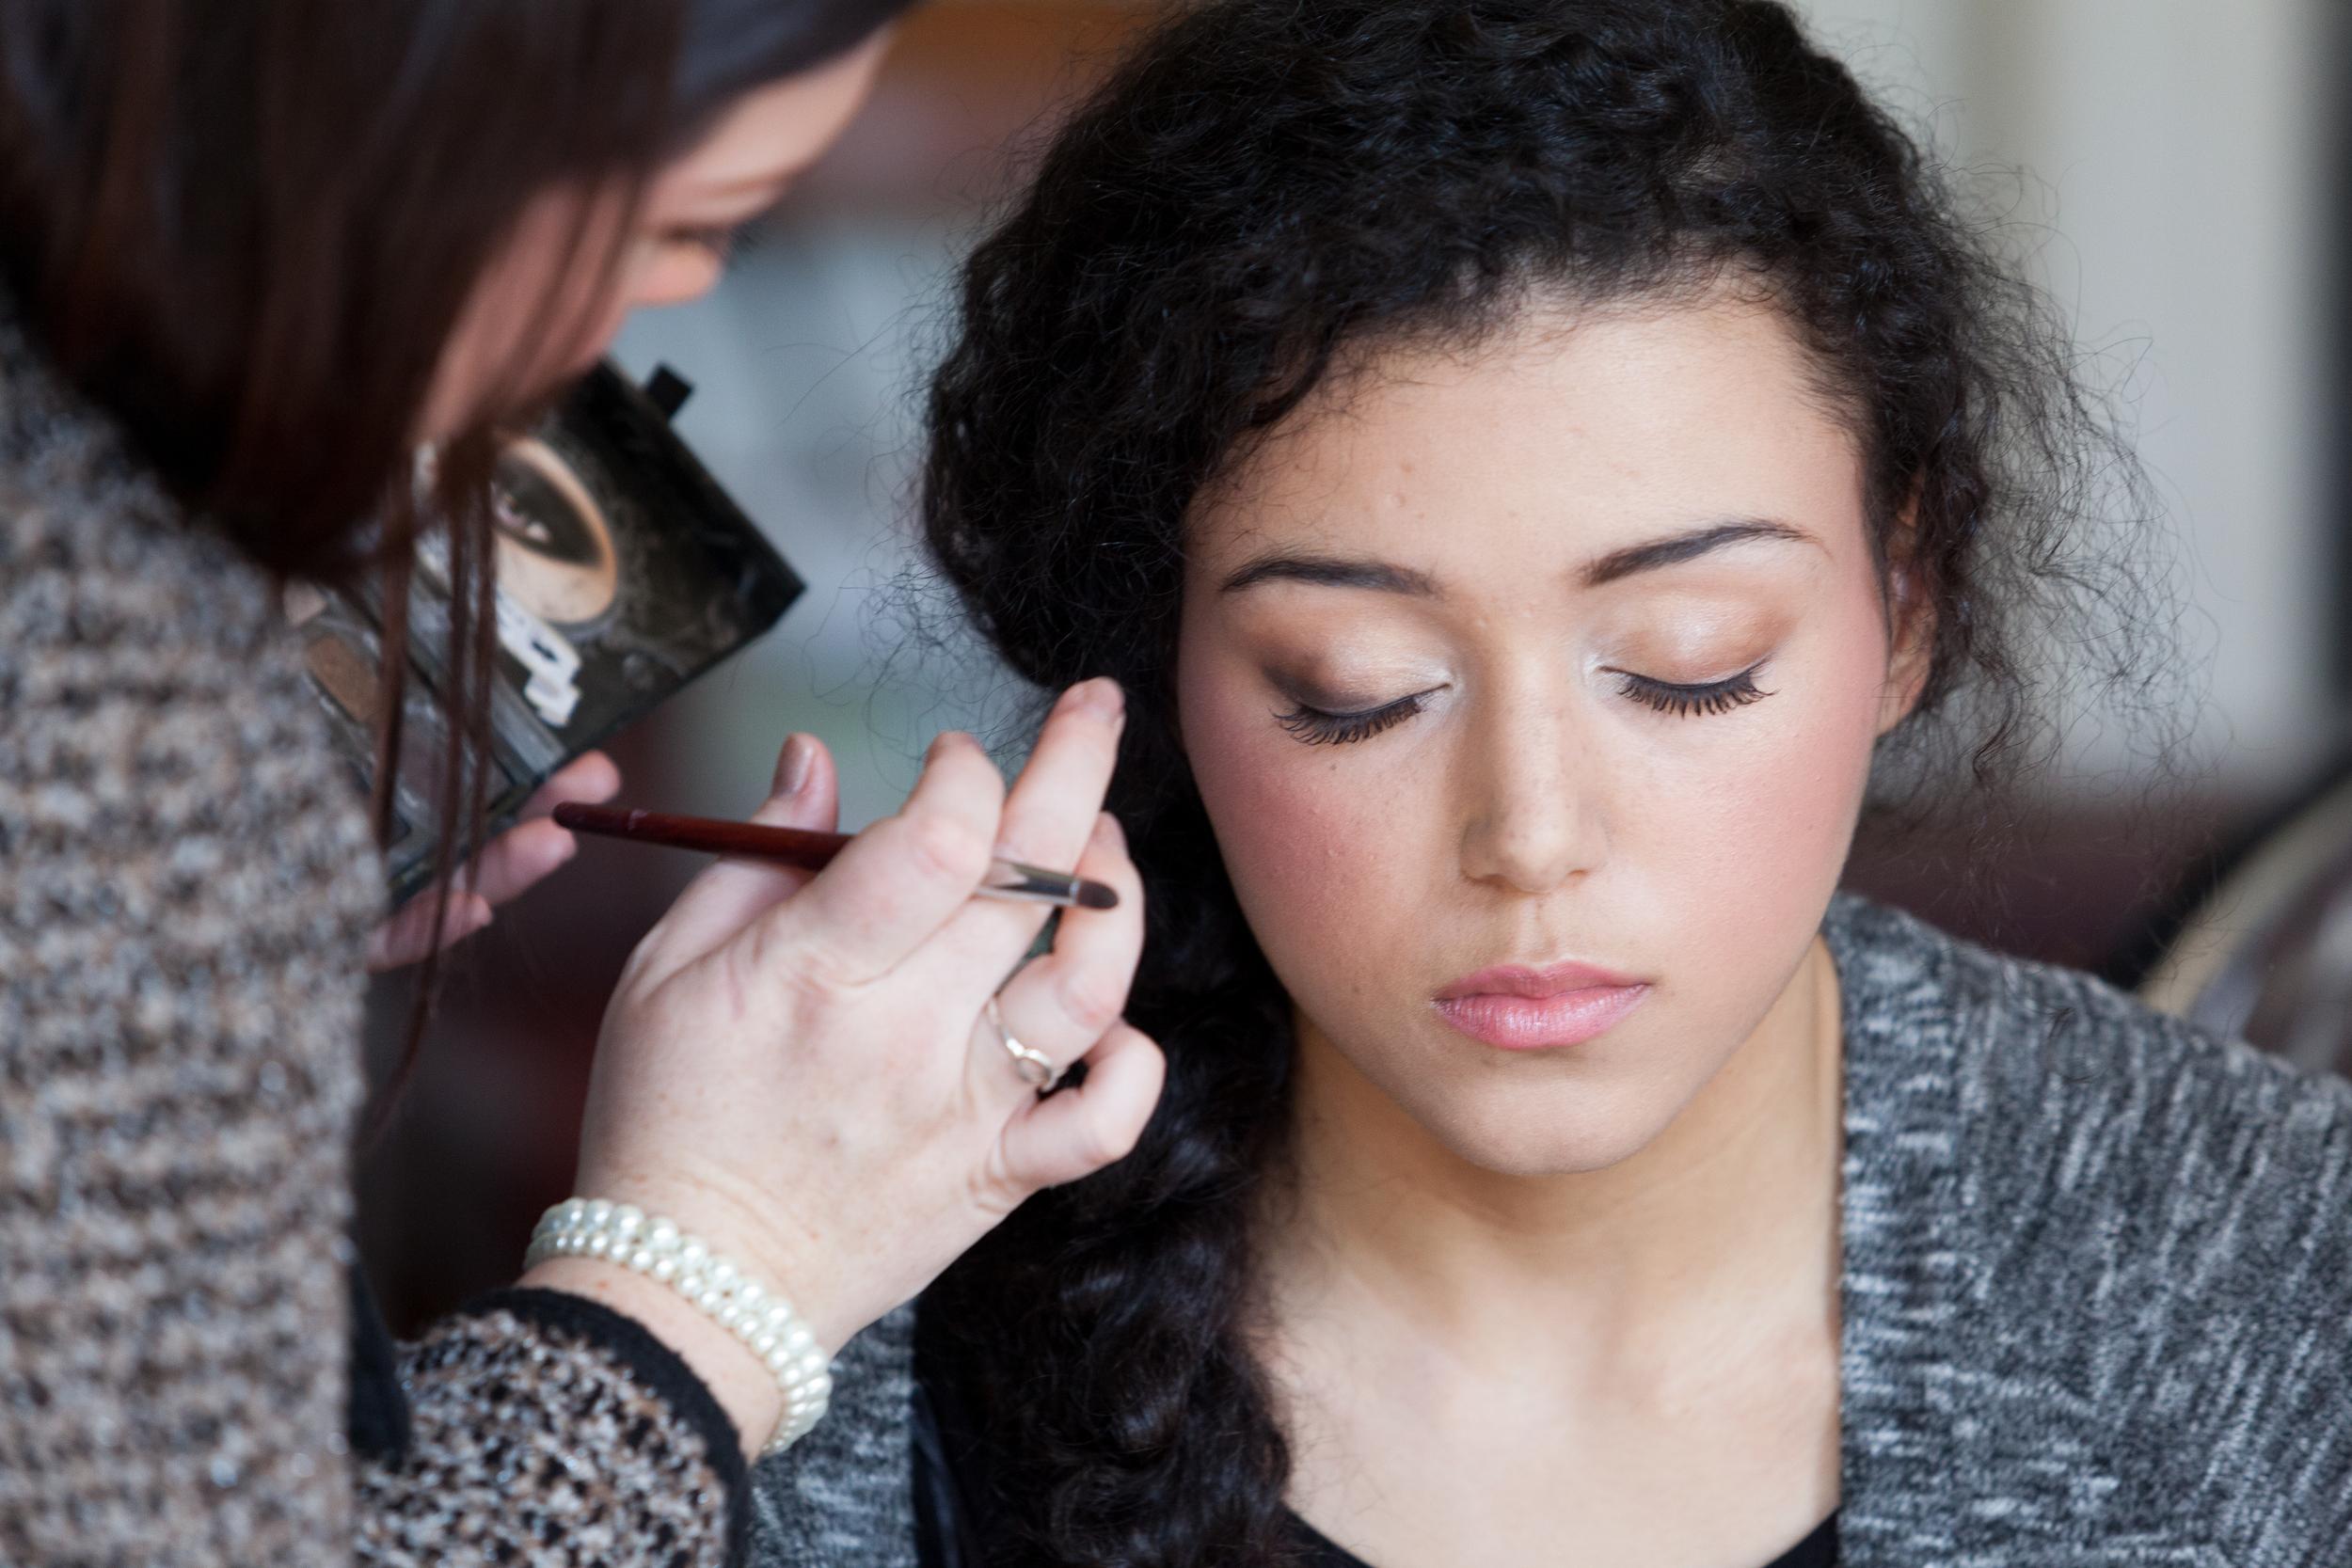 nottingham-wedding-makeup-artist-jenni-hughes-ross-dean-photography